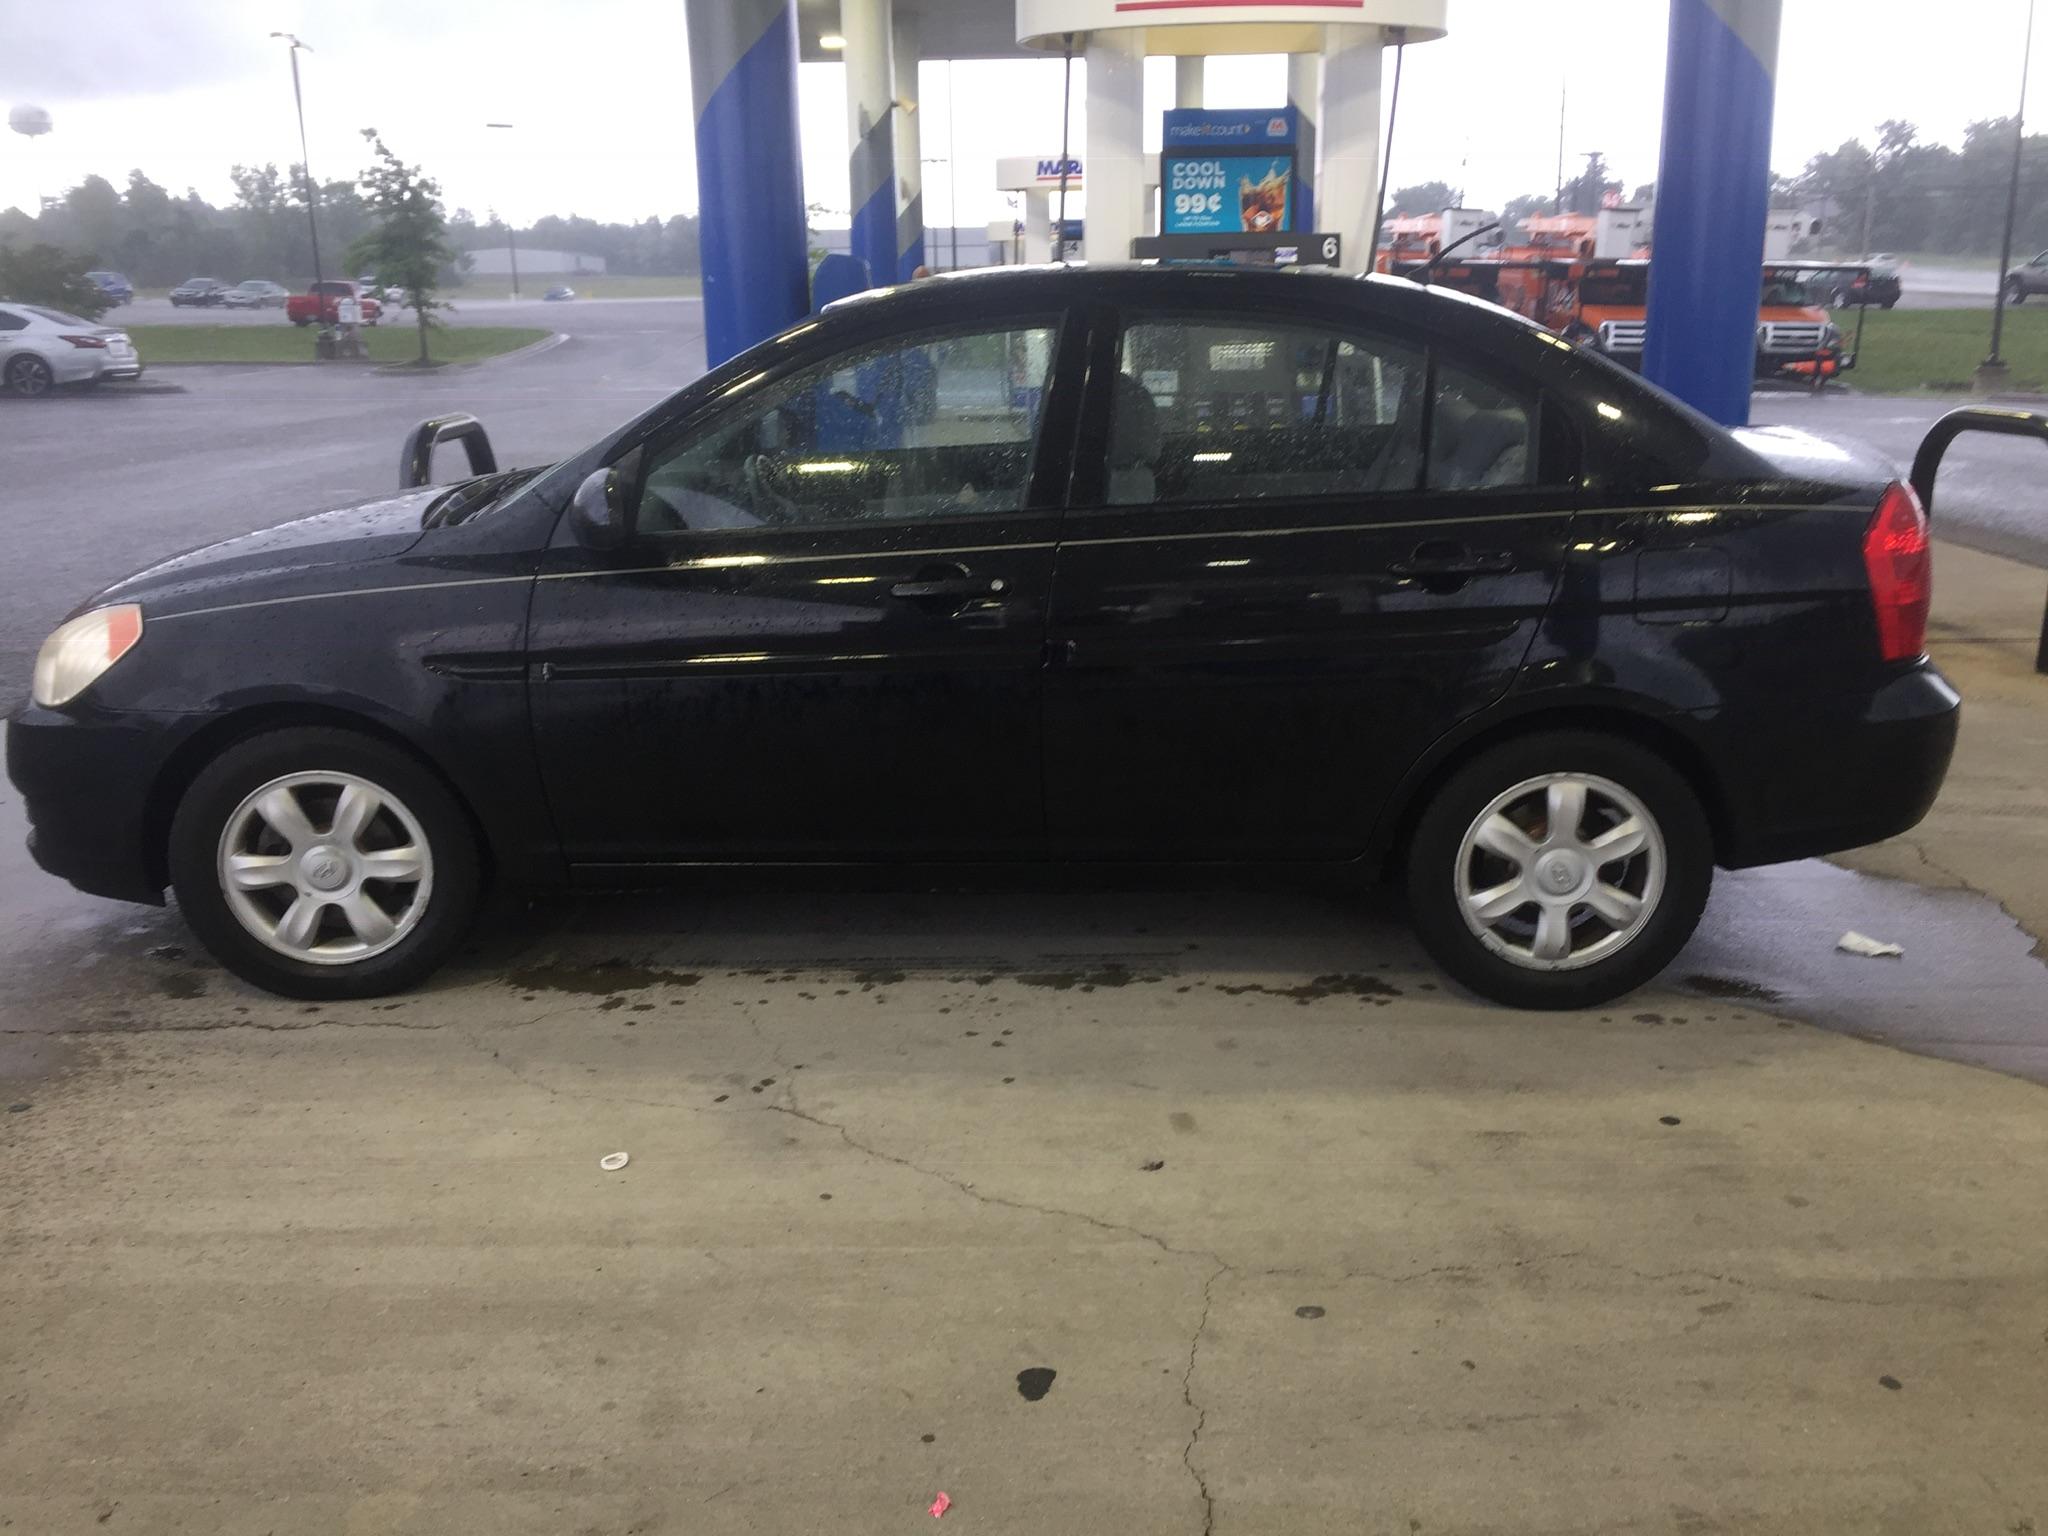 m l auto sales 1386 s dixie blvd radcliff ky 40160 yp com m l auto sales 1386 s dixie blvd